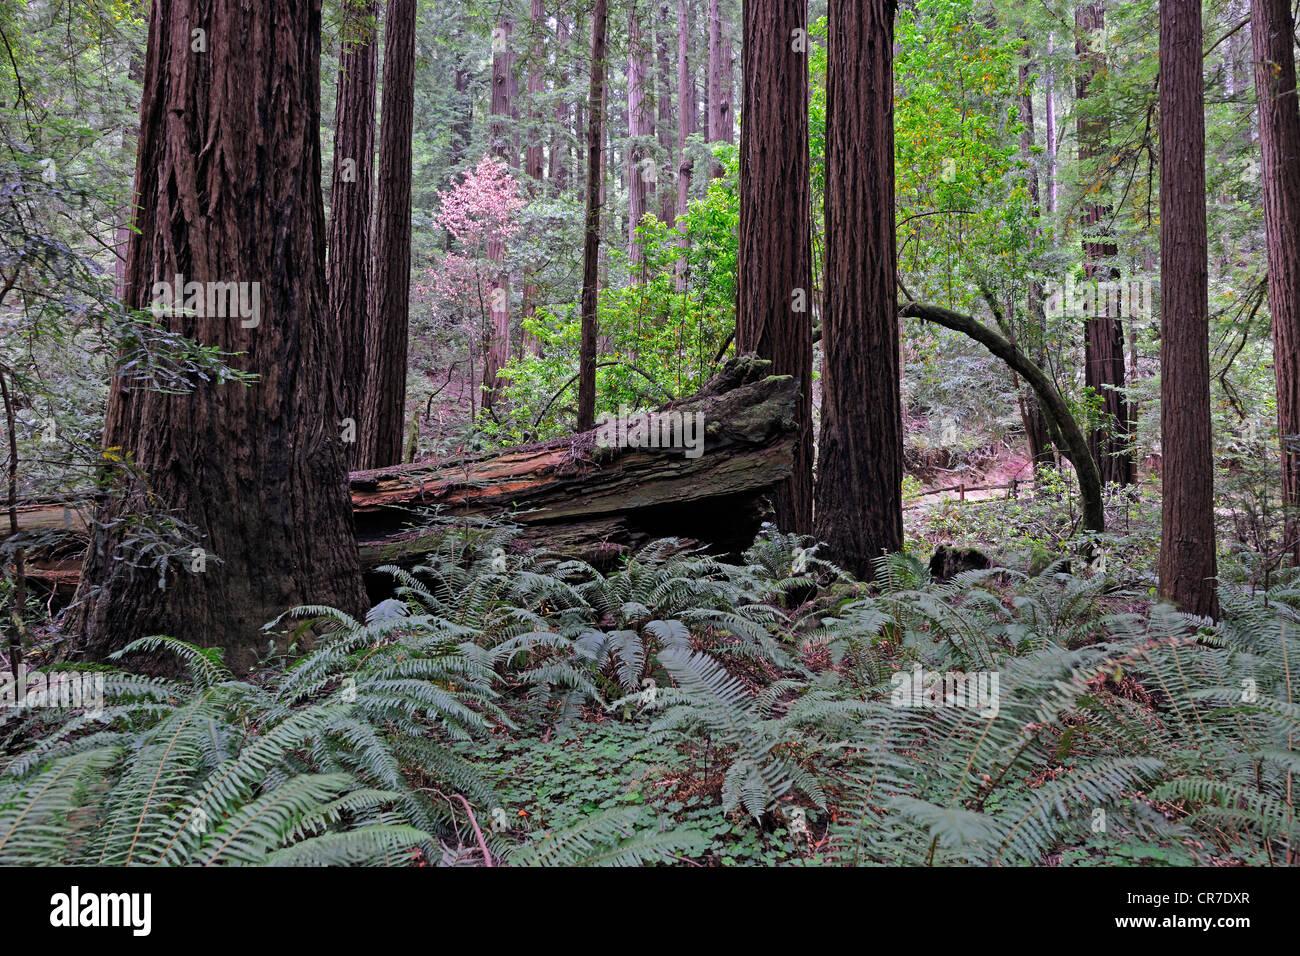 La vegetación y la costa secuoyas (Sequoia sempervirens), el Parque Nacional Muir Woods, California, EE.UU. Foto de stock